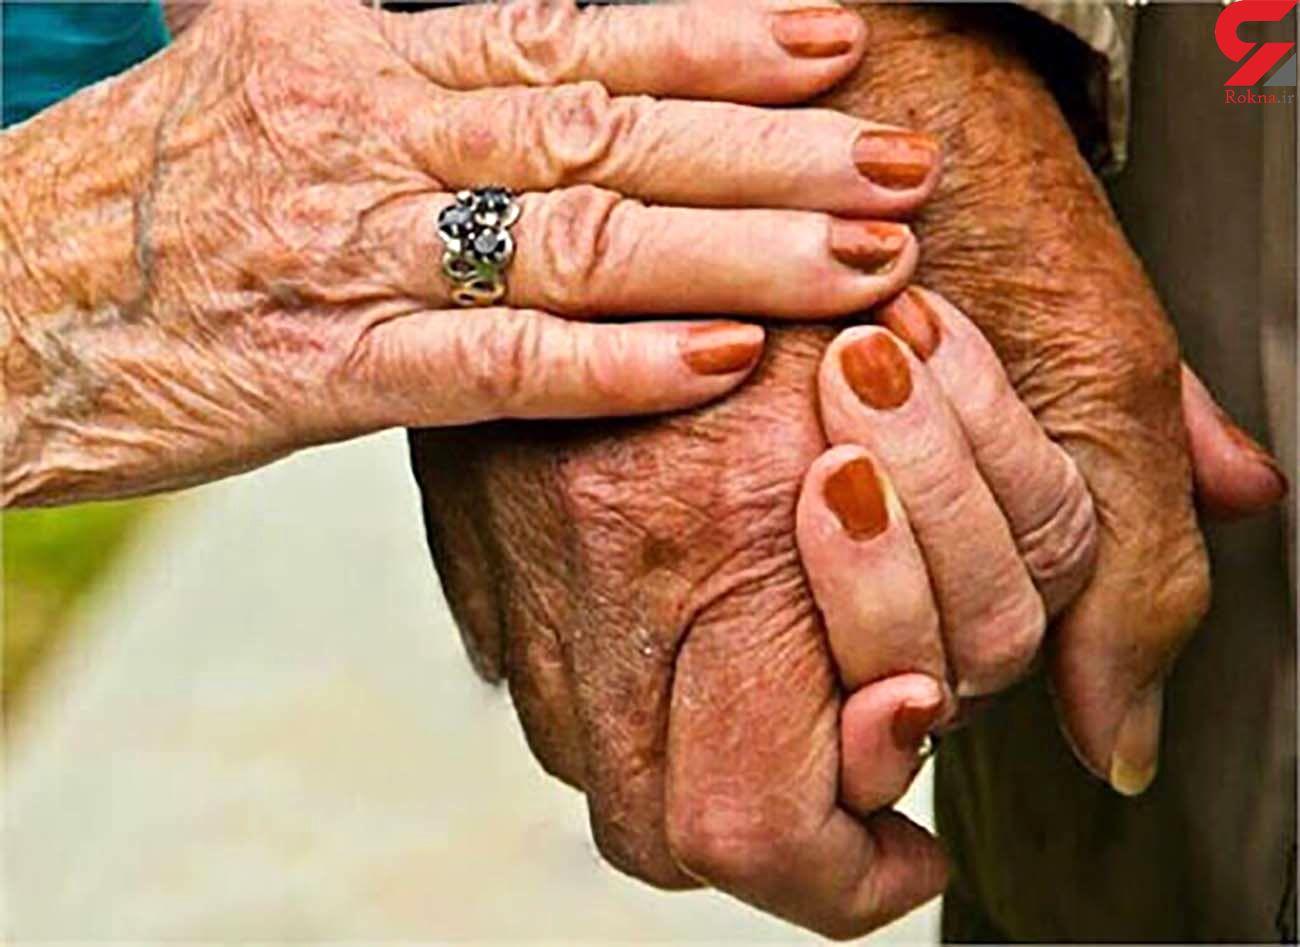 عشق پیری سهم ۸ درصد از ازدواجهای سال را گذشته بود